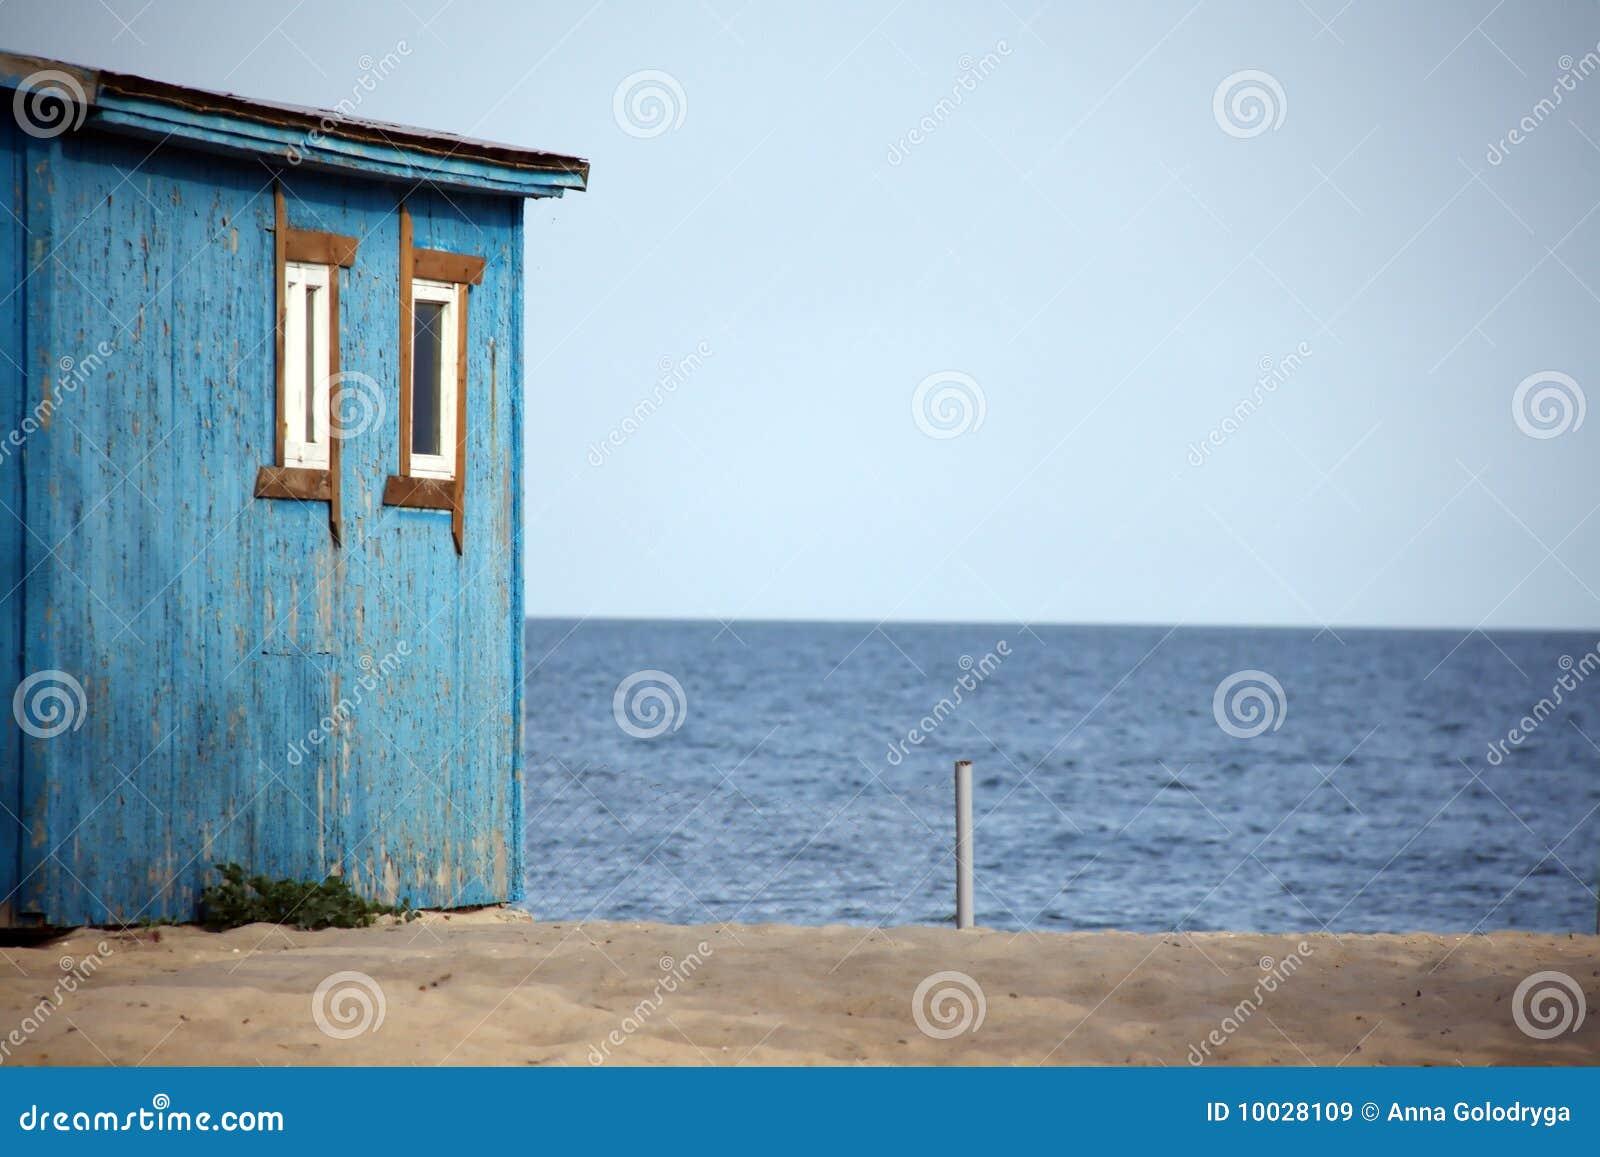 Casa di legno sulla spiaggia immagini stock libere da for Disegni moderni della casa sulla spiaggia